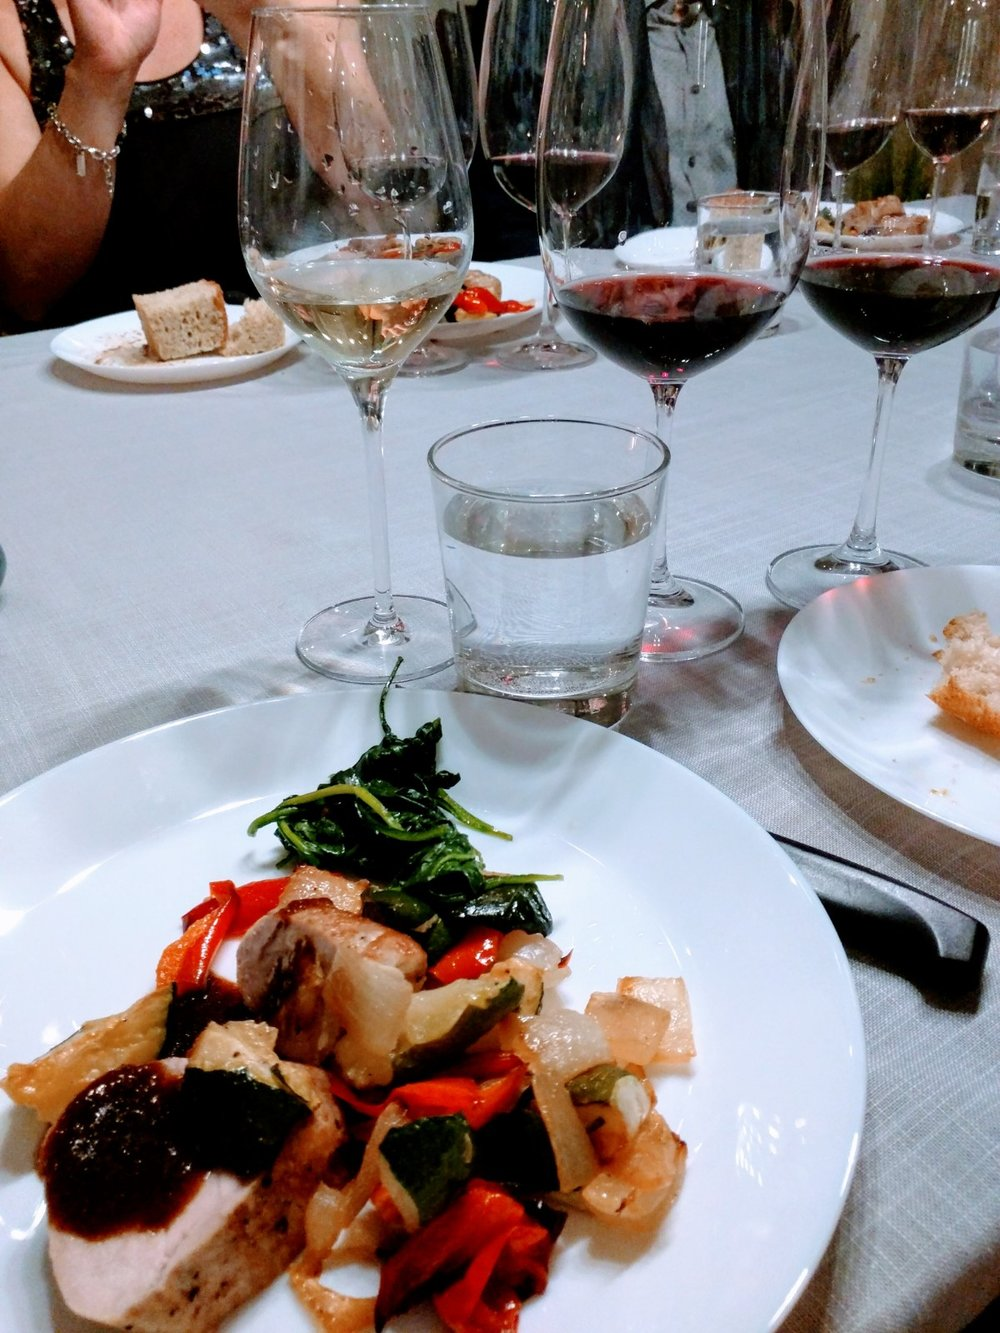 Pork tenderloin, ginger-garlic sauce, roasted vegetables